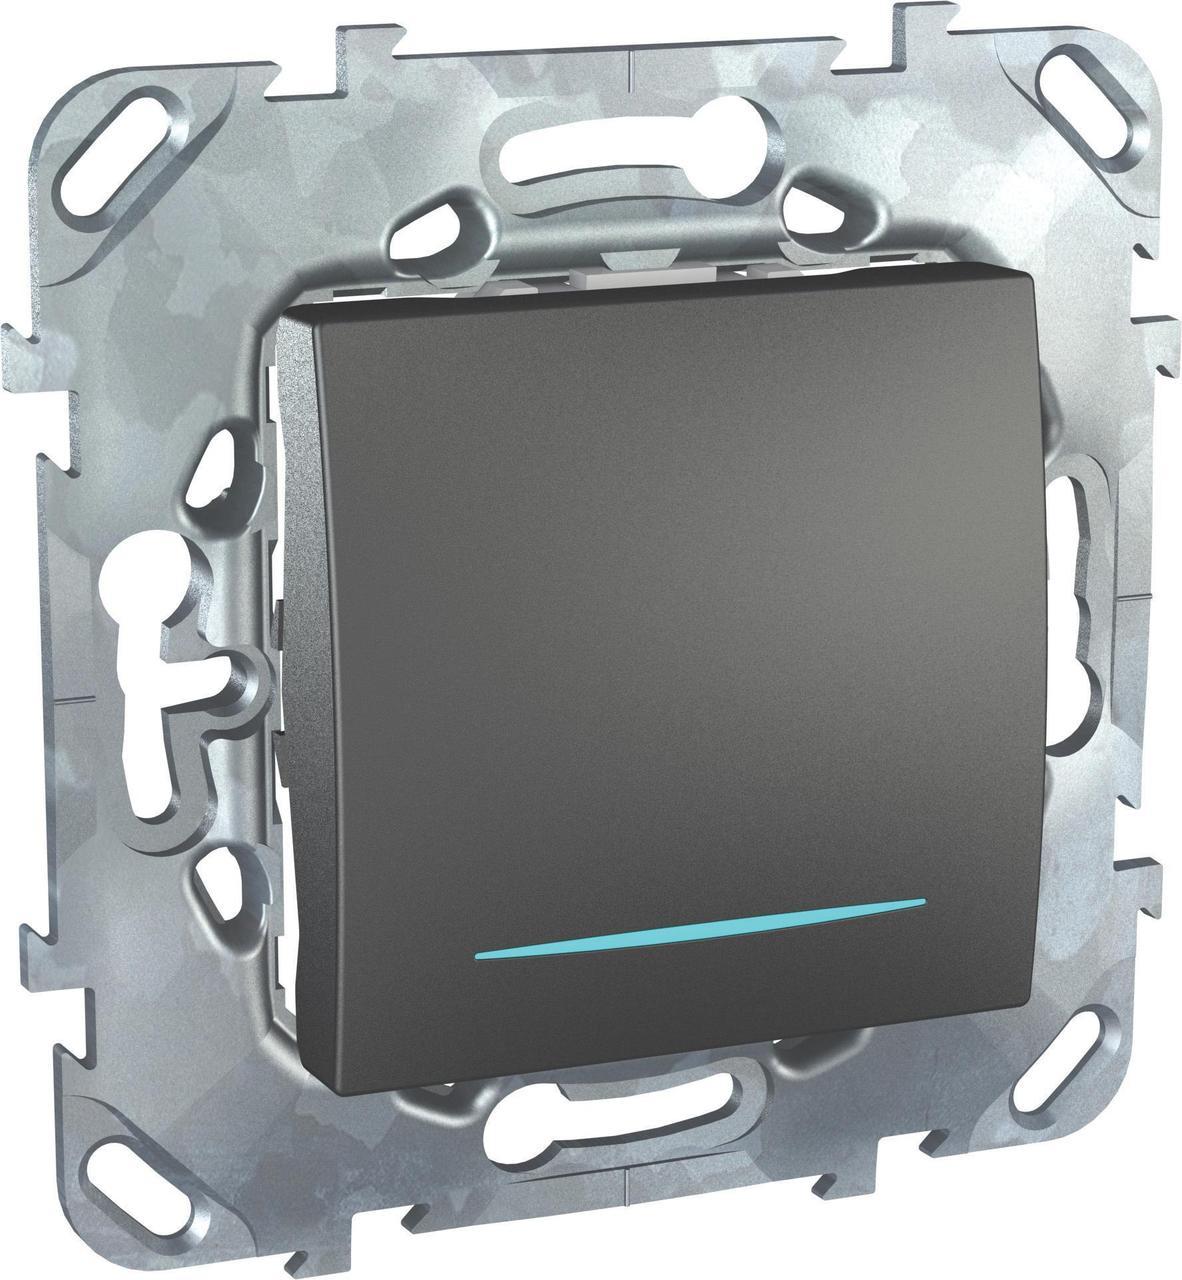 Выключатель 1-клавишный ,проходной с подсветкой (с двух мест) , Графит, серия UNICA TOP/CLASS, Schneider Electric